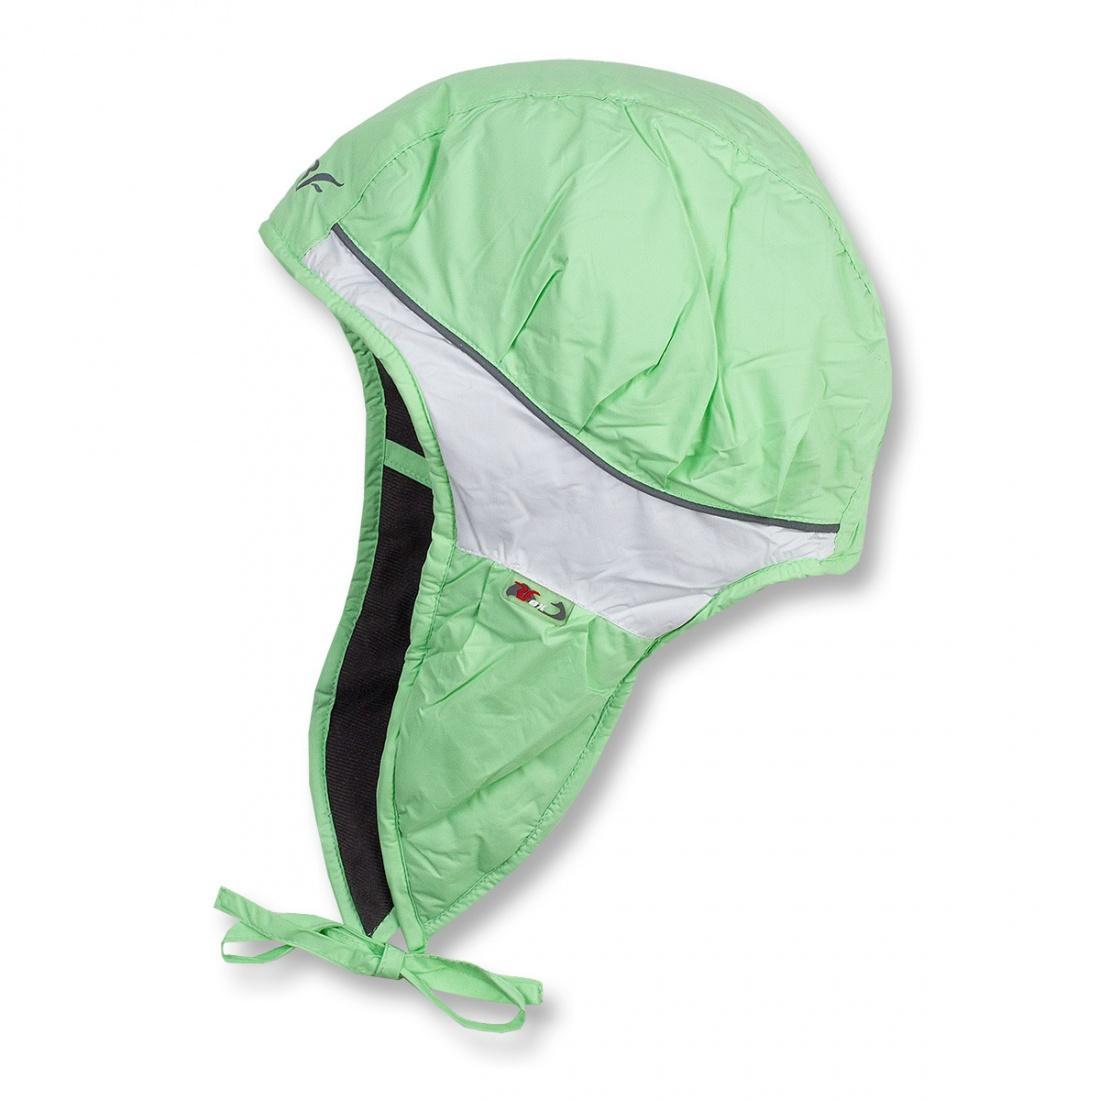 Шапка детская TressУшанки<br><br> Яркая контрастная шапочка прекрасно выделяет ребенка из толпы.<br><br> <br><br><br><br> Основной материал – Dry Factor 1000.<br><br> <br><br><br> Утеплитель – Omniterm Classic.<br><br> <br><br><br> Для детей от 1 до...<br><br>Цвет: Белый<br>Размер: M